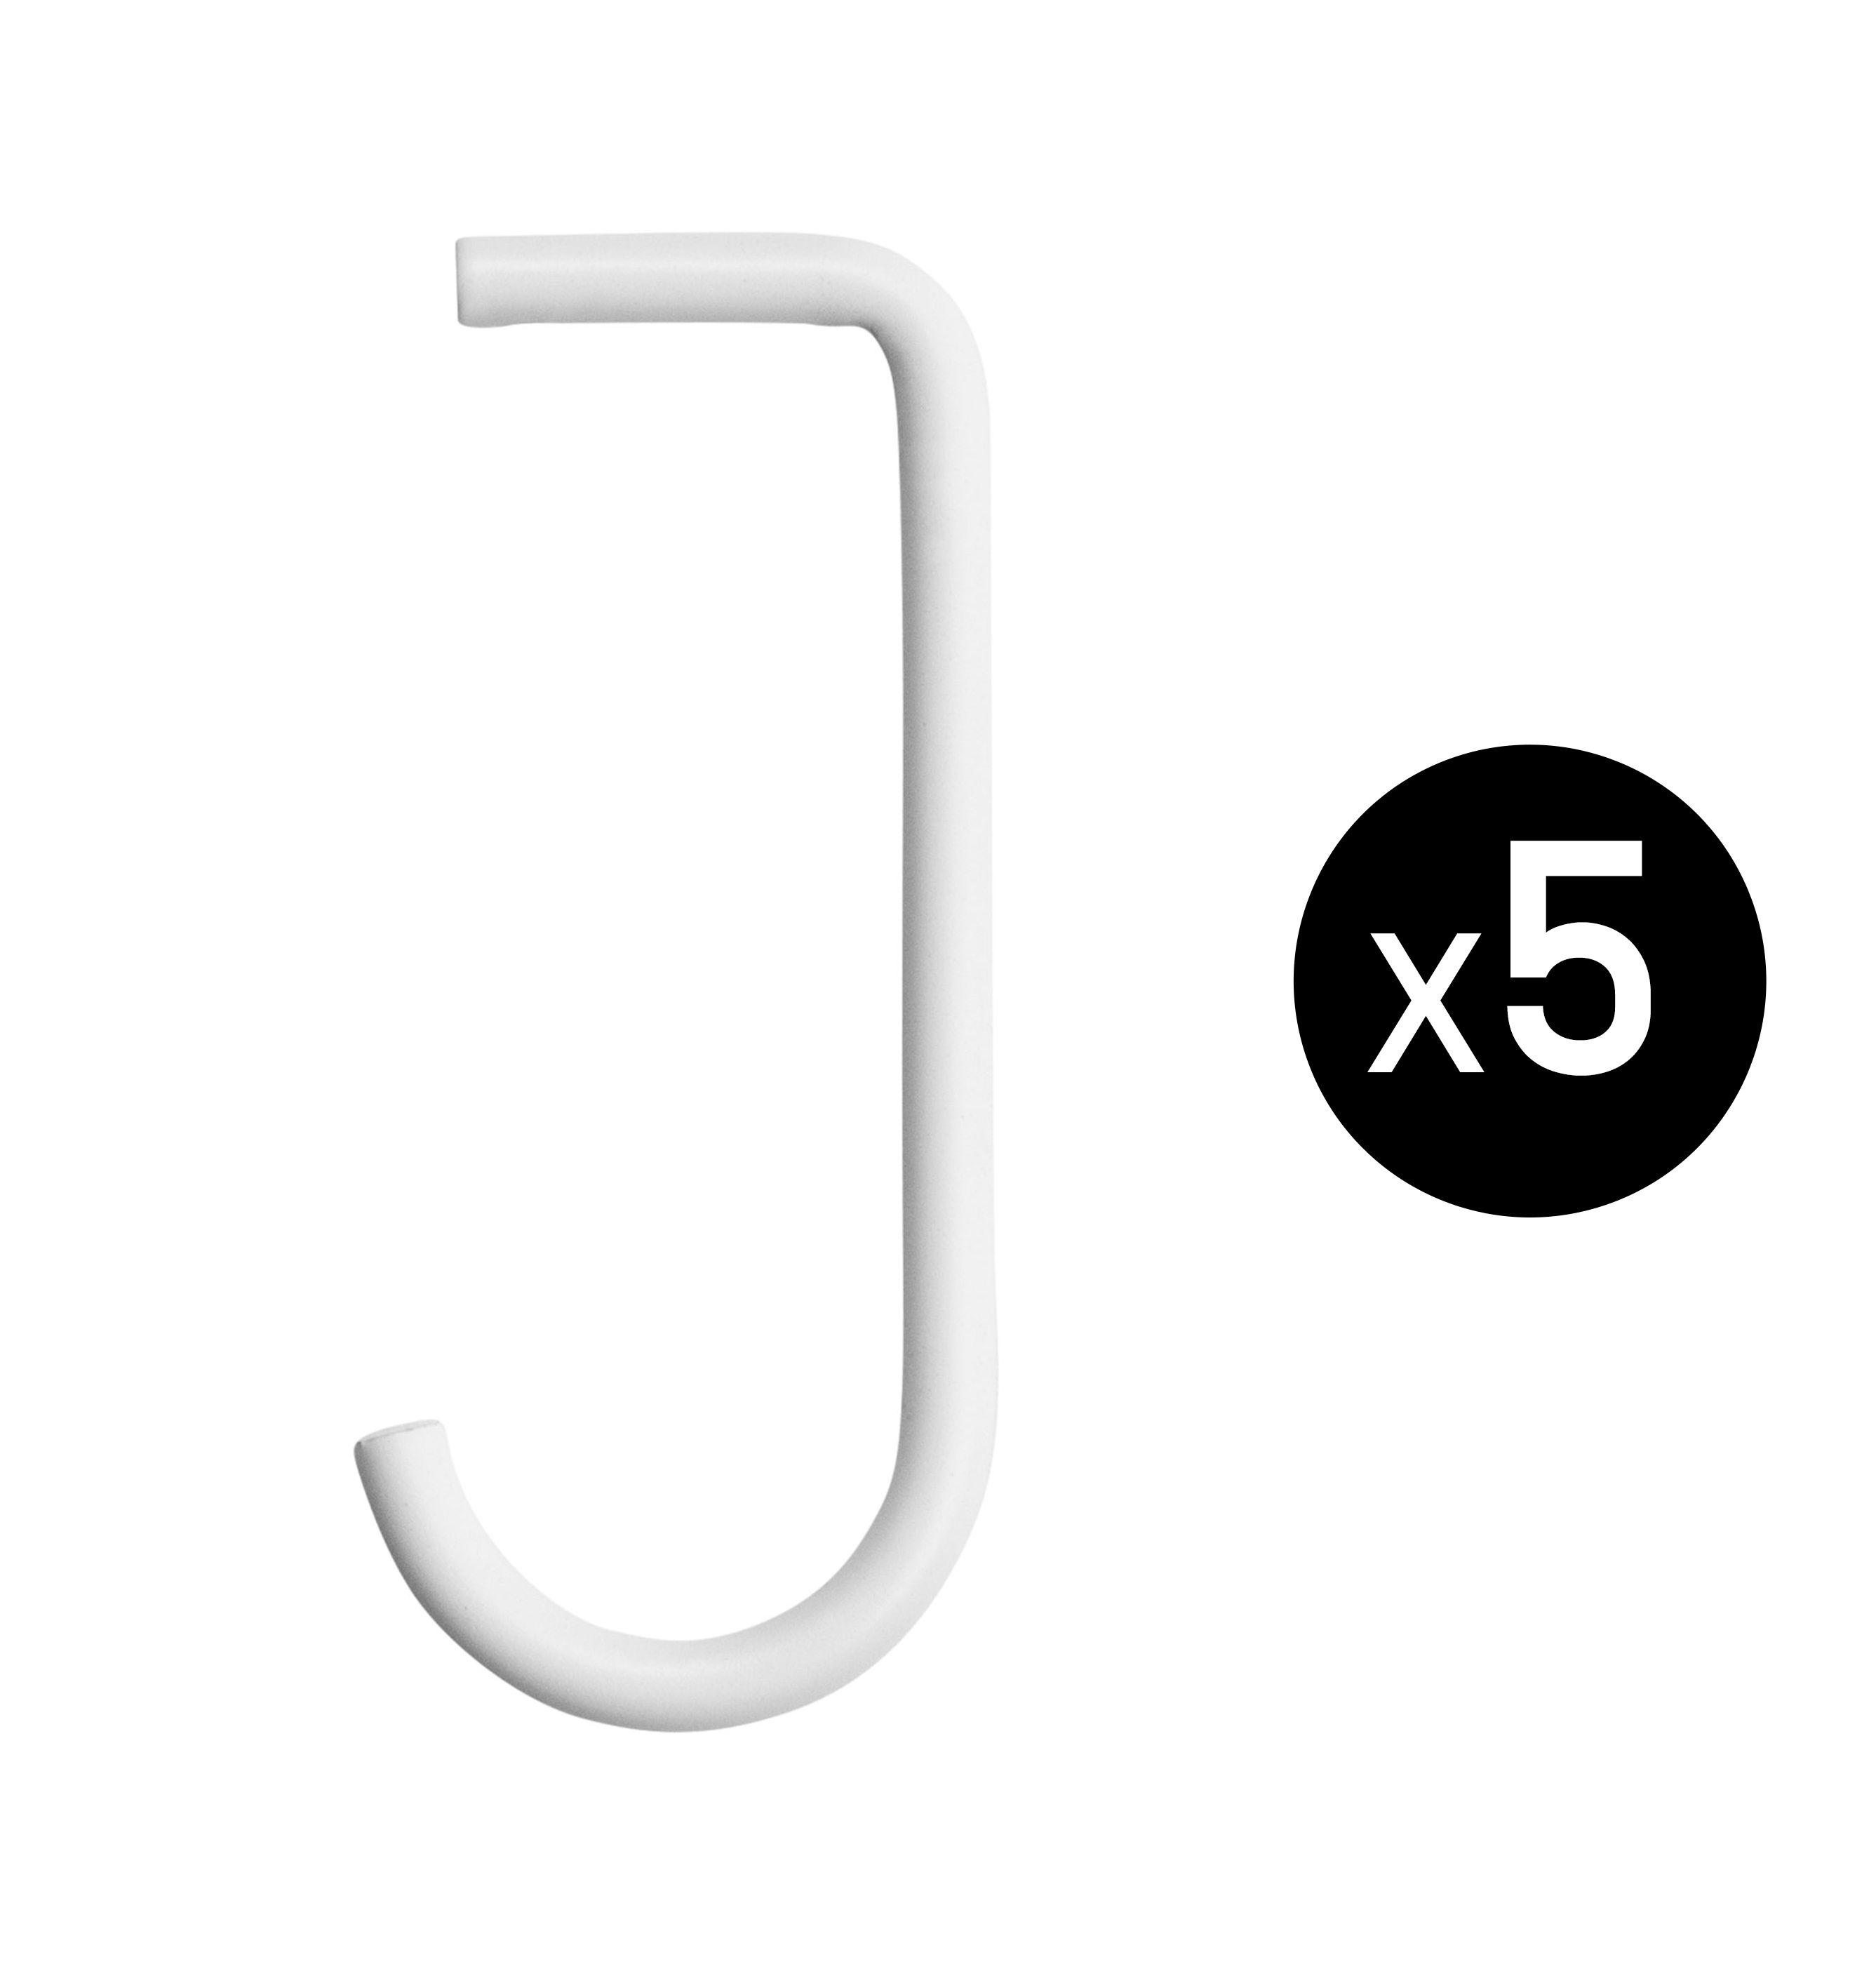 Arredamento - Scaffali e librerie - Gancio - / Per mensole in metallo traforato - Set da 5 di String Furniture - Bianco - metallo laccato